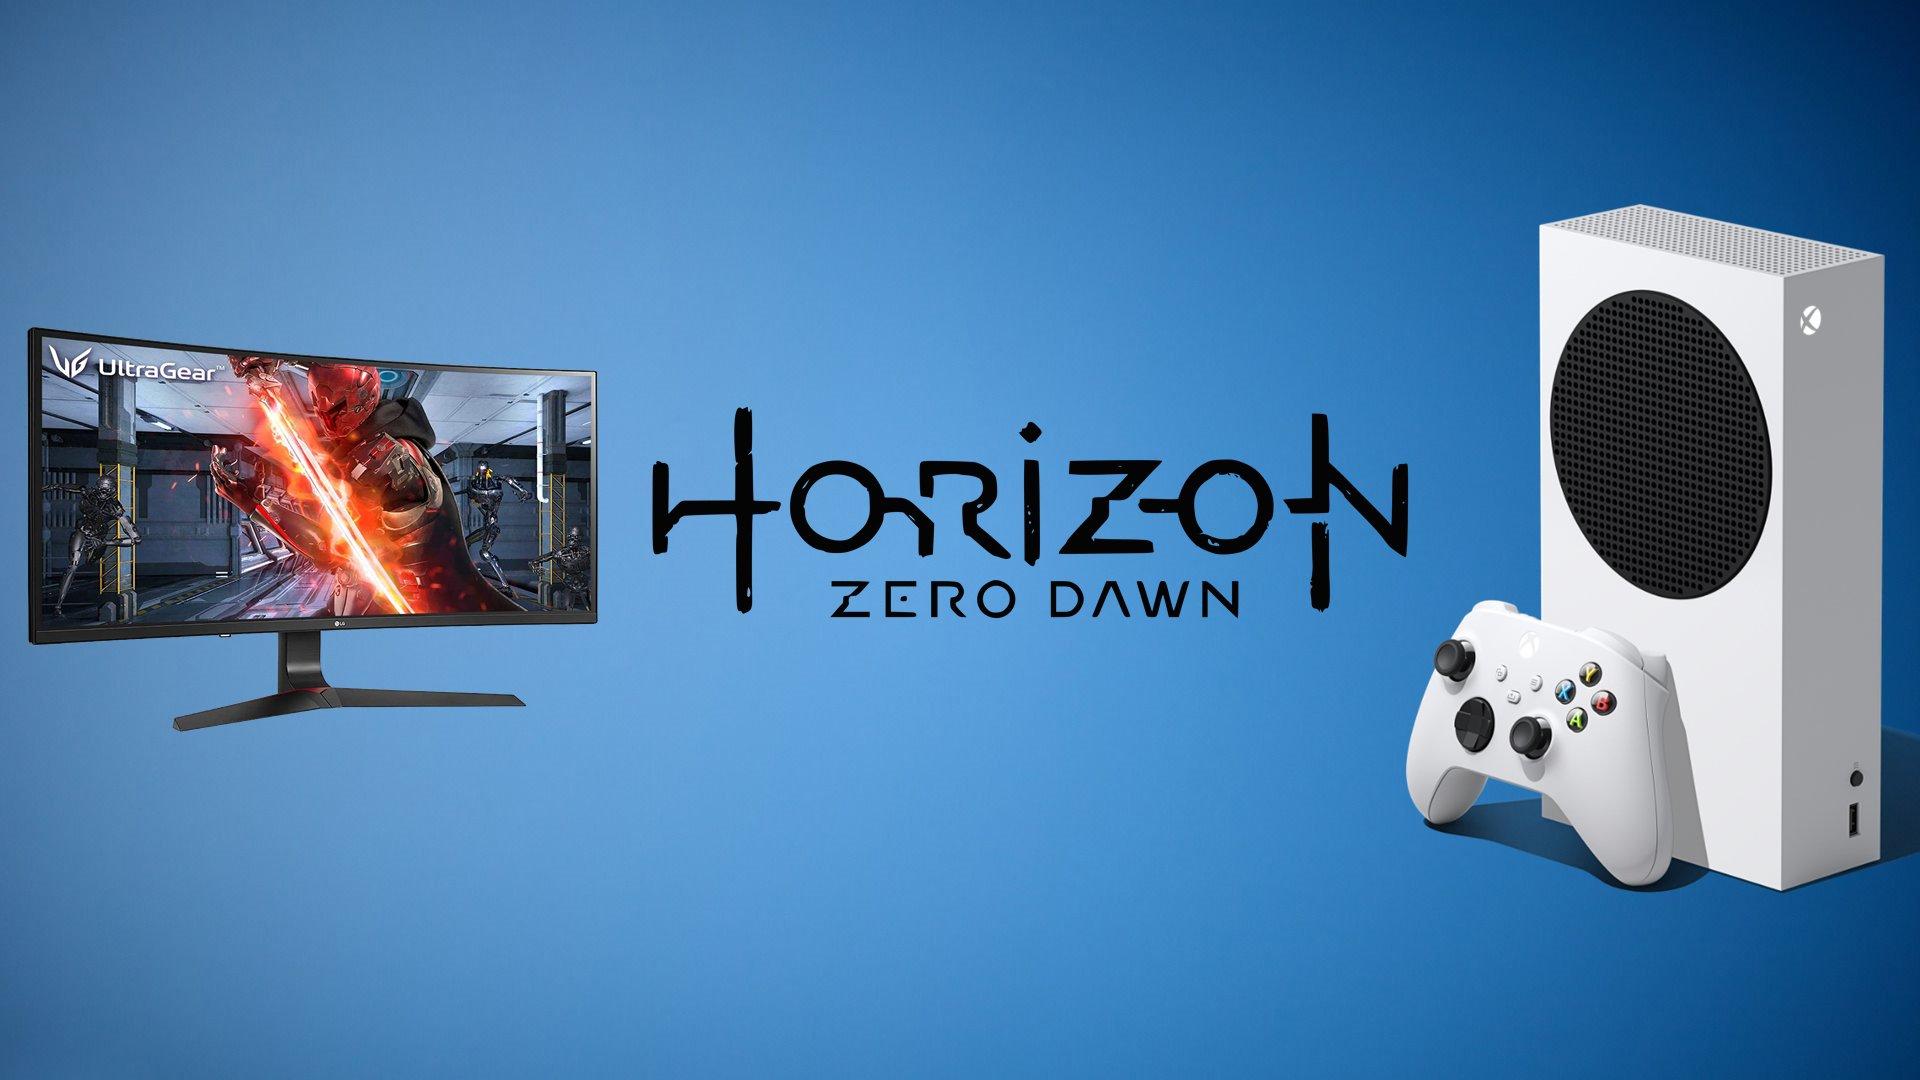 Fundo azul; em primeiro plano, na ordem: monitor da lg, logo de horizon zero dawn e xbox series s.